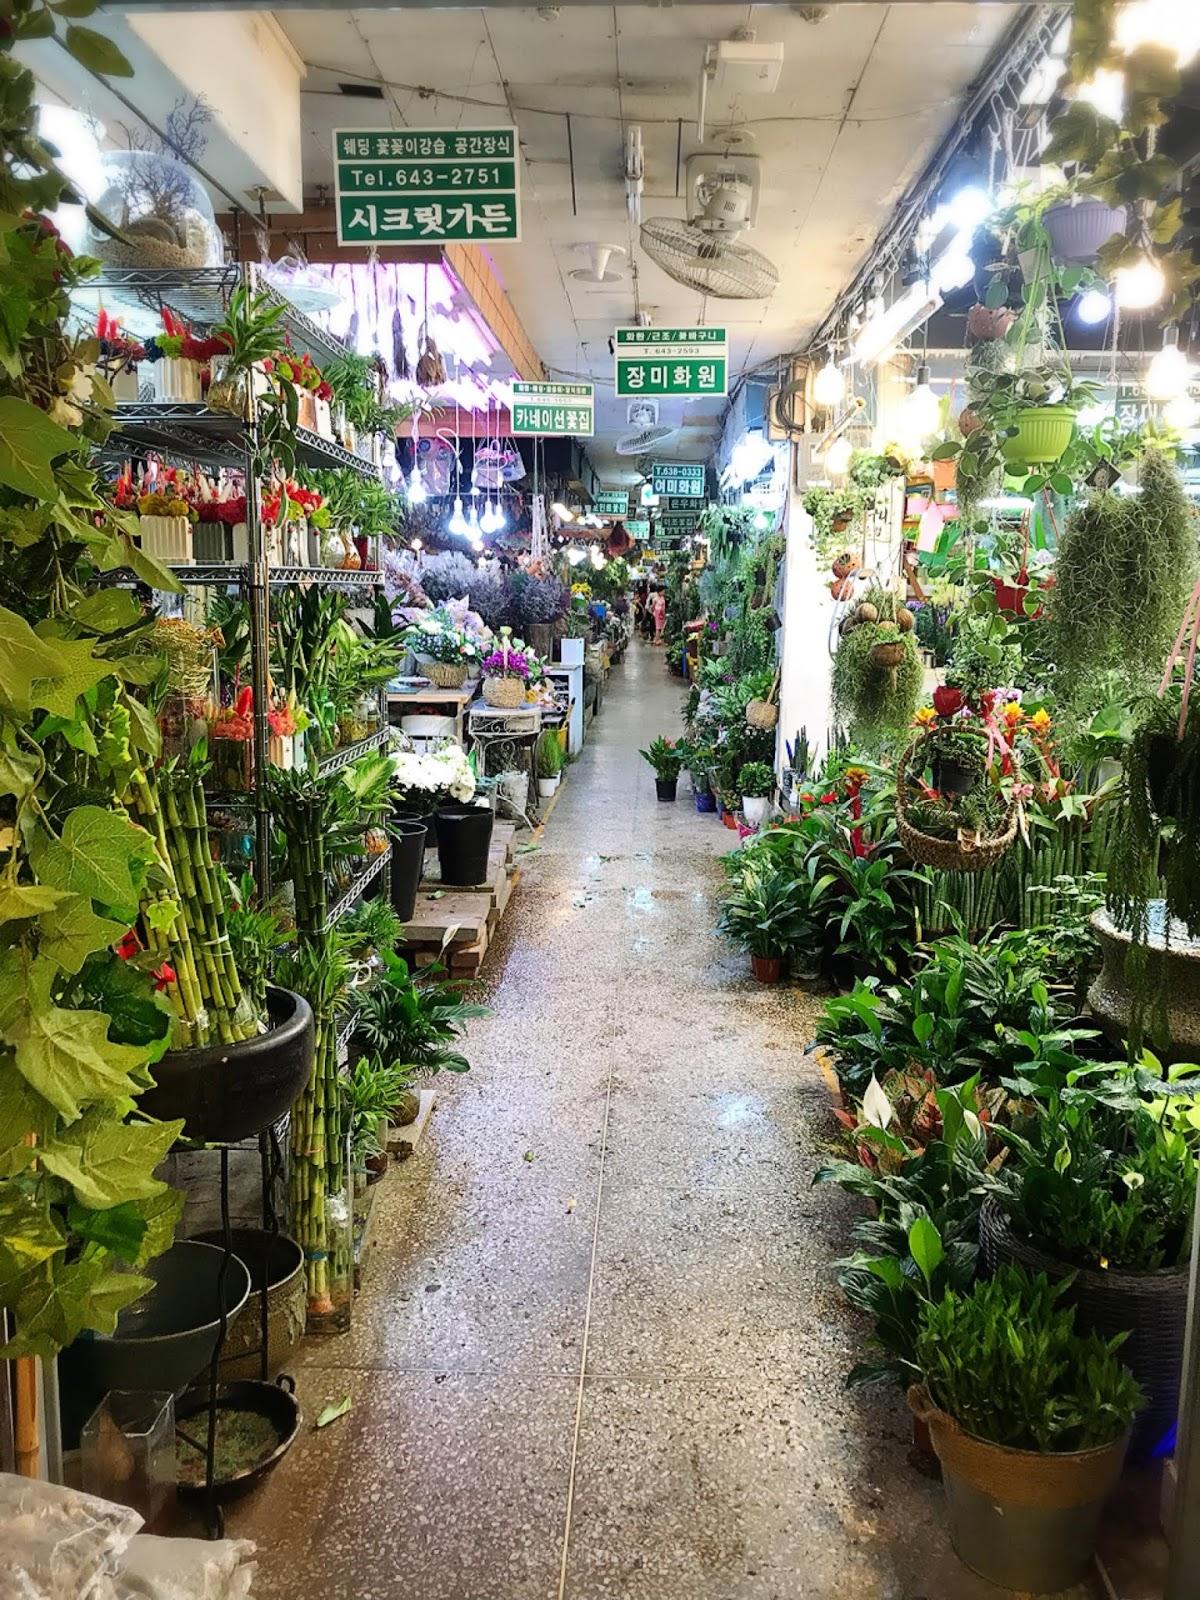 韓臺夫婦한대부부: 韓國 :: 釜山   凡一洞 自由市場 花卉批發市場 자유시장 꽃시장